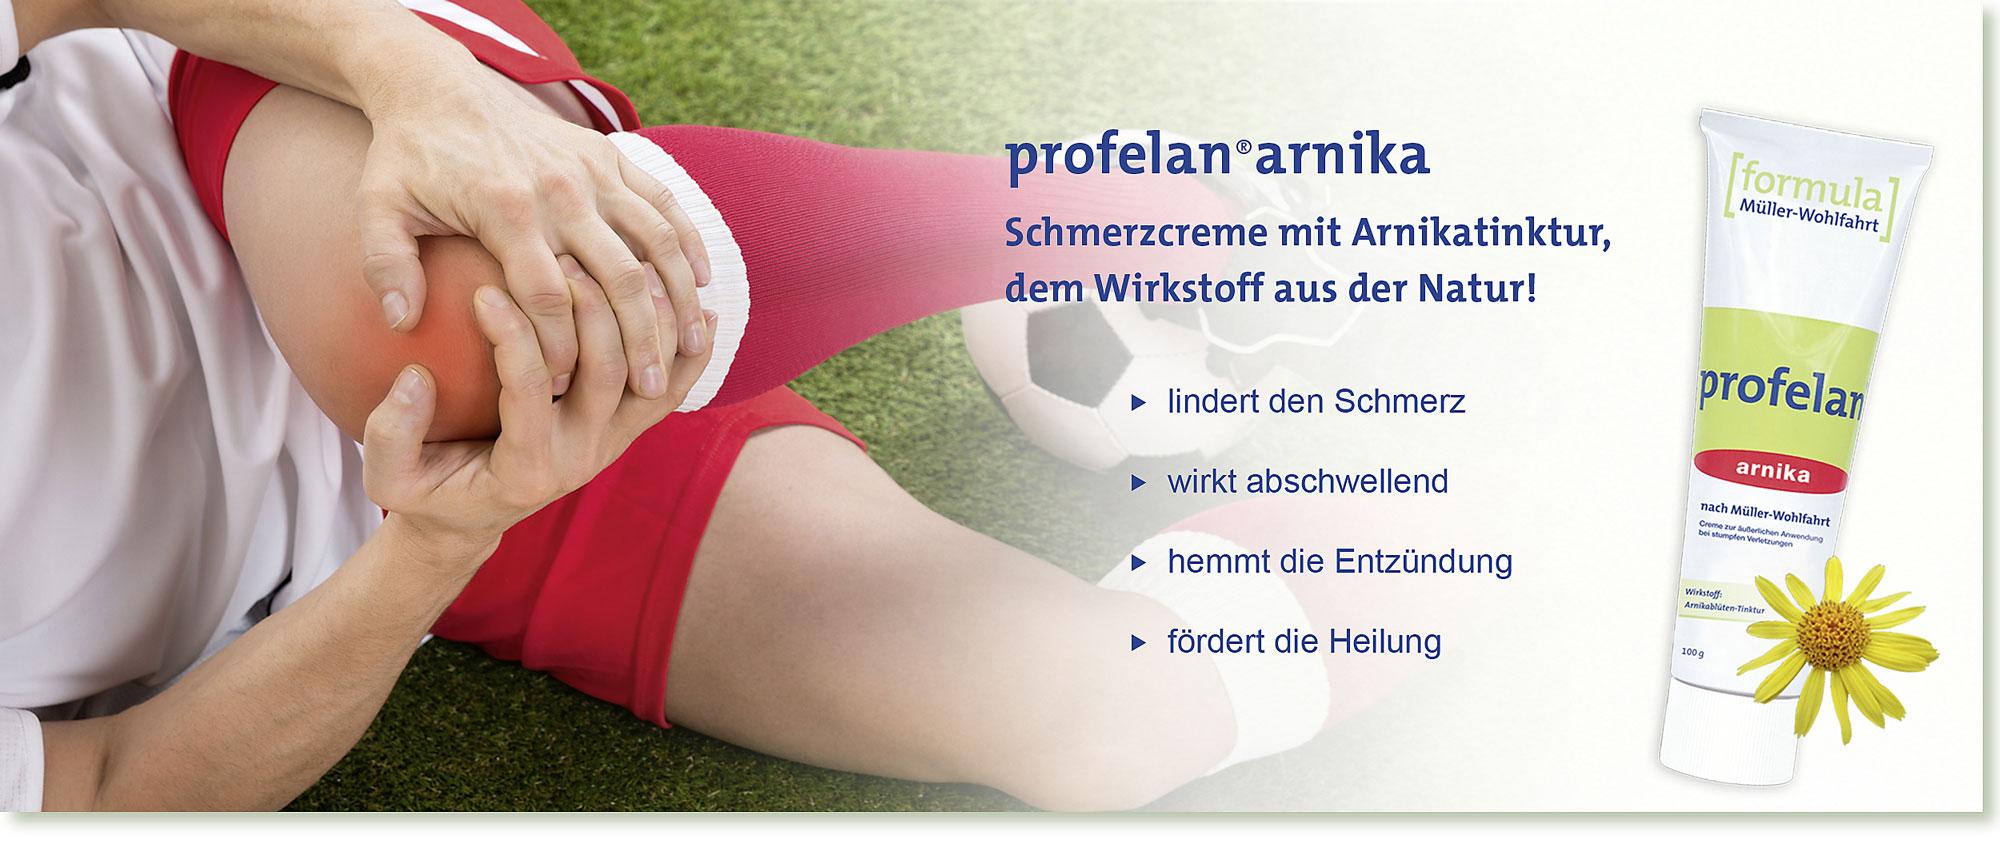 HeadImage | PROFELAN-Arnika Schmerzcreme nach Müller-Wohlfahrt - Fussball